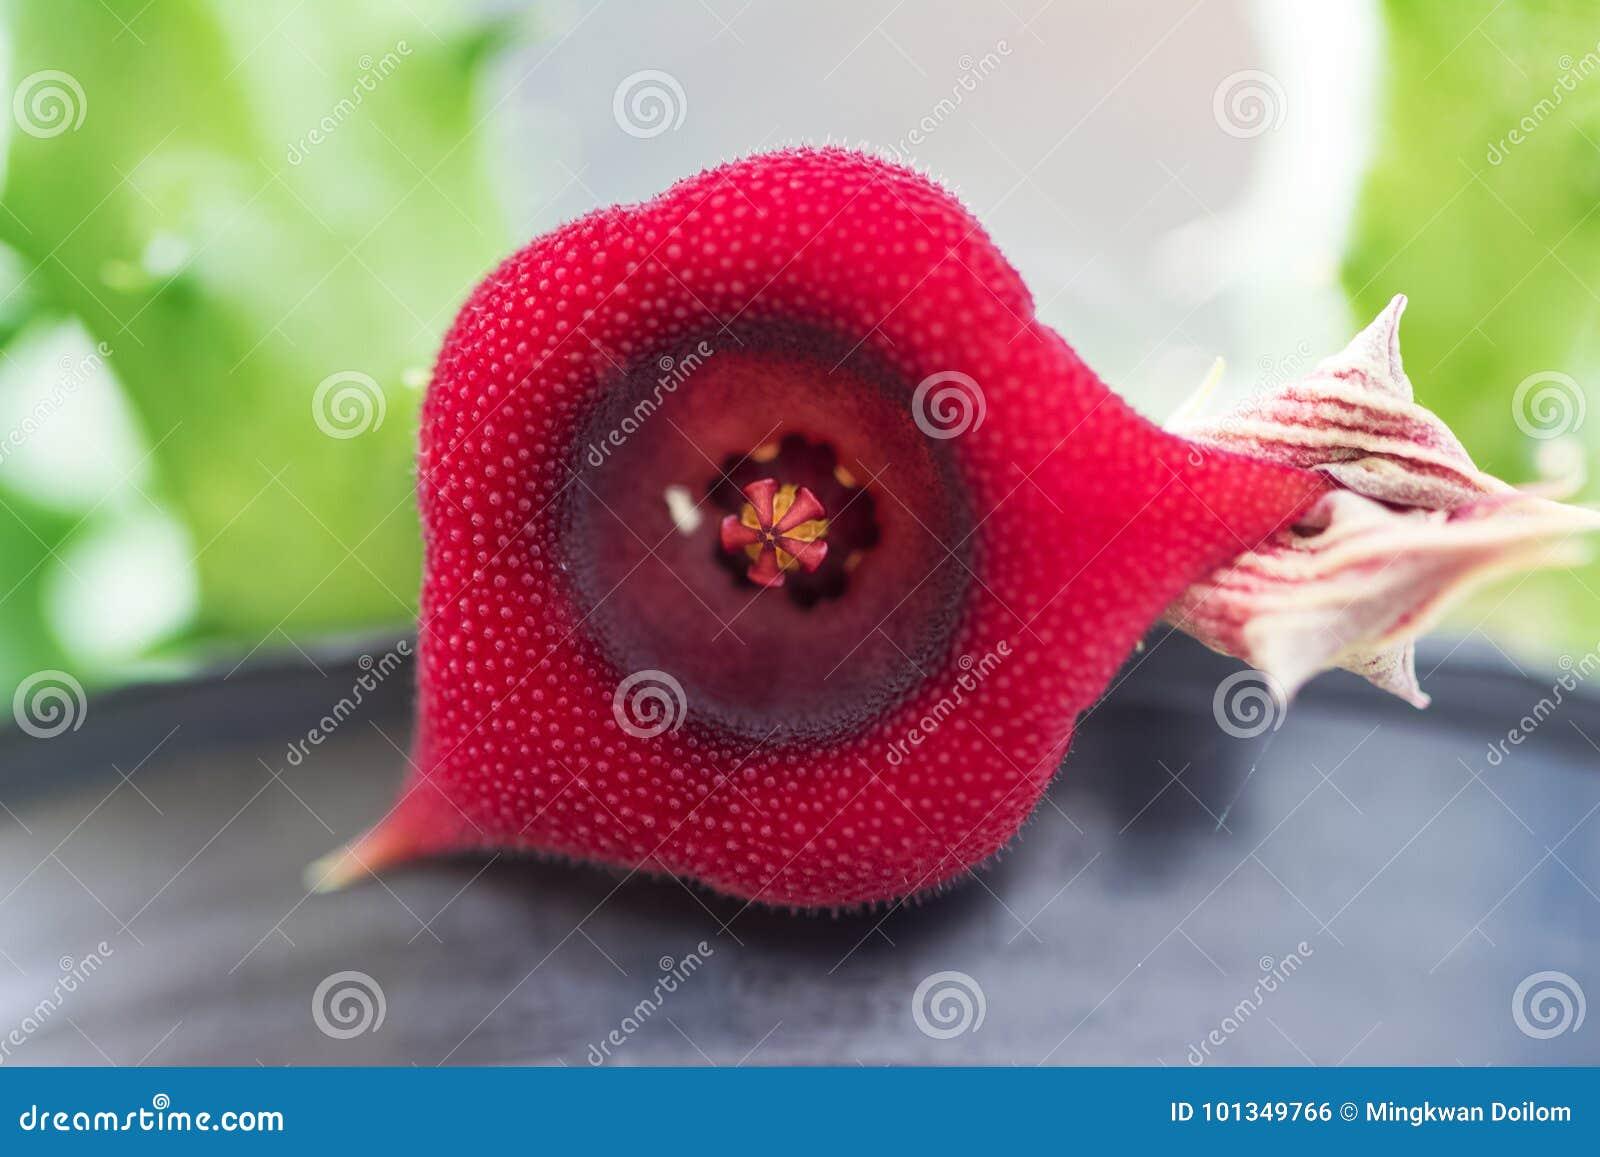 仙人掌红色花